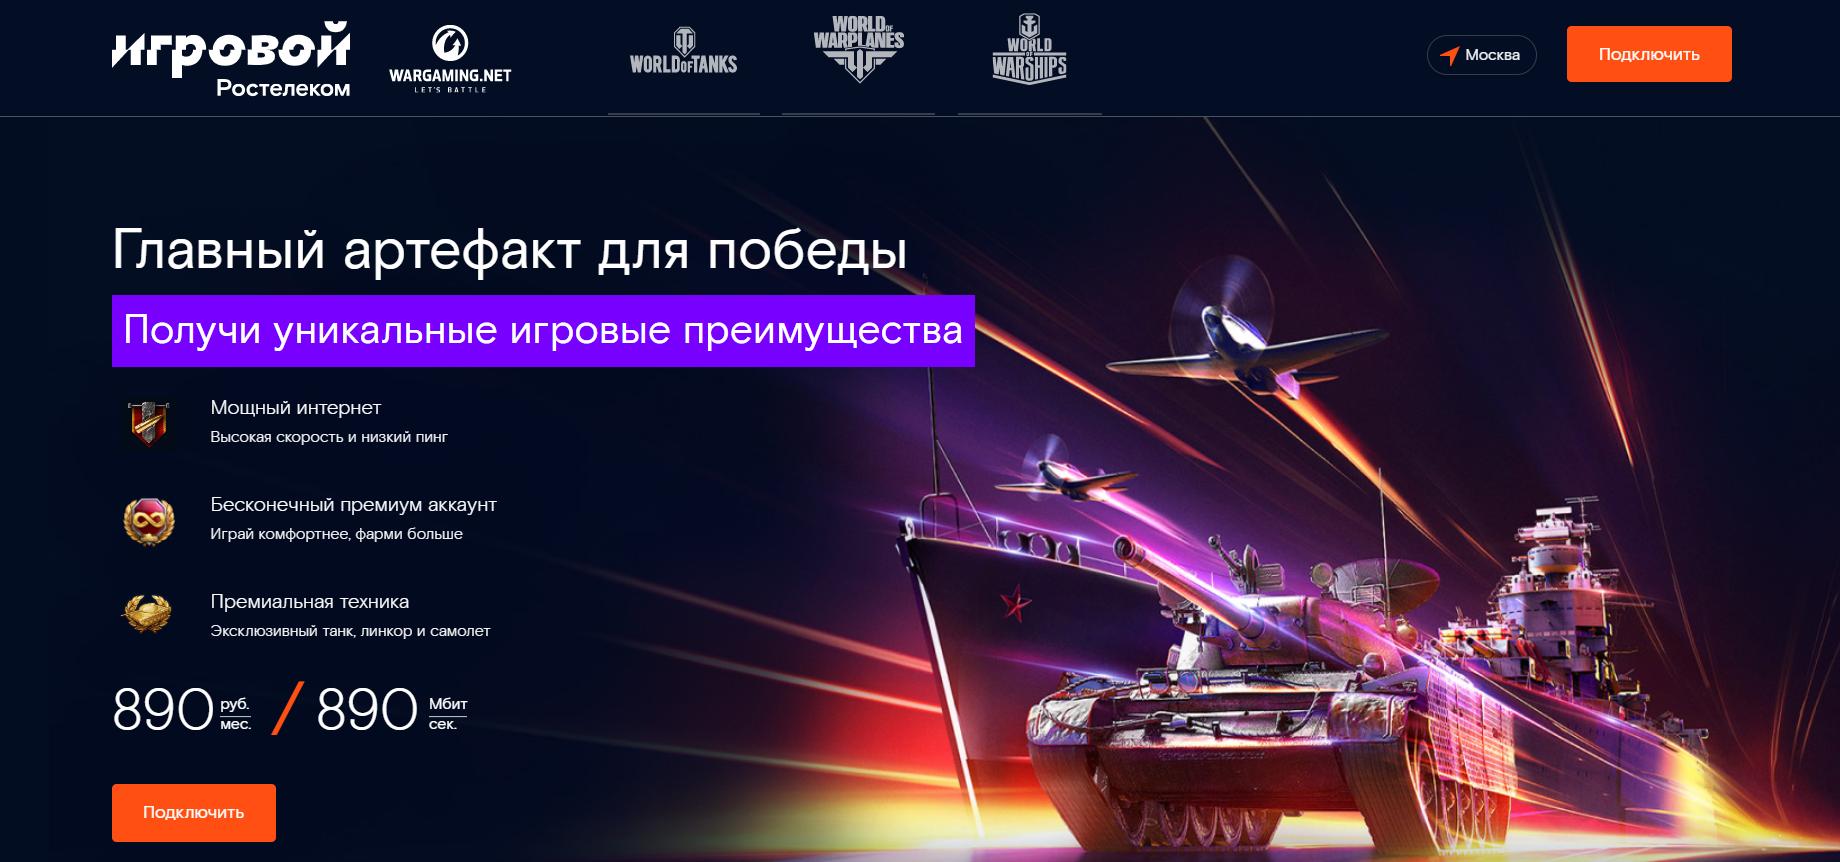 С сайта gg.rt.ru/wargaming